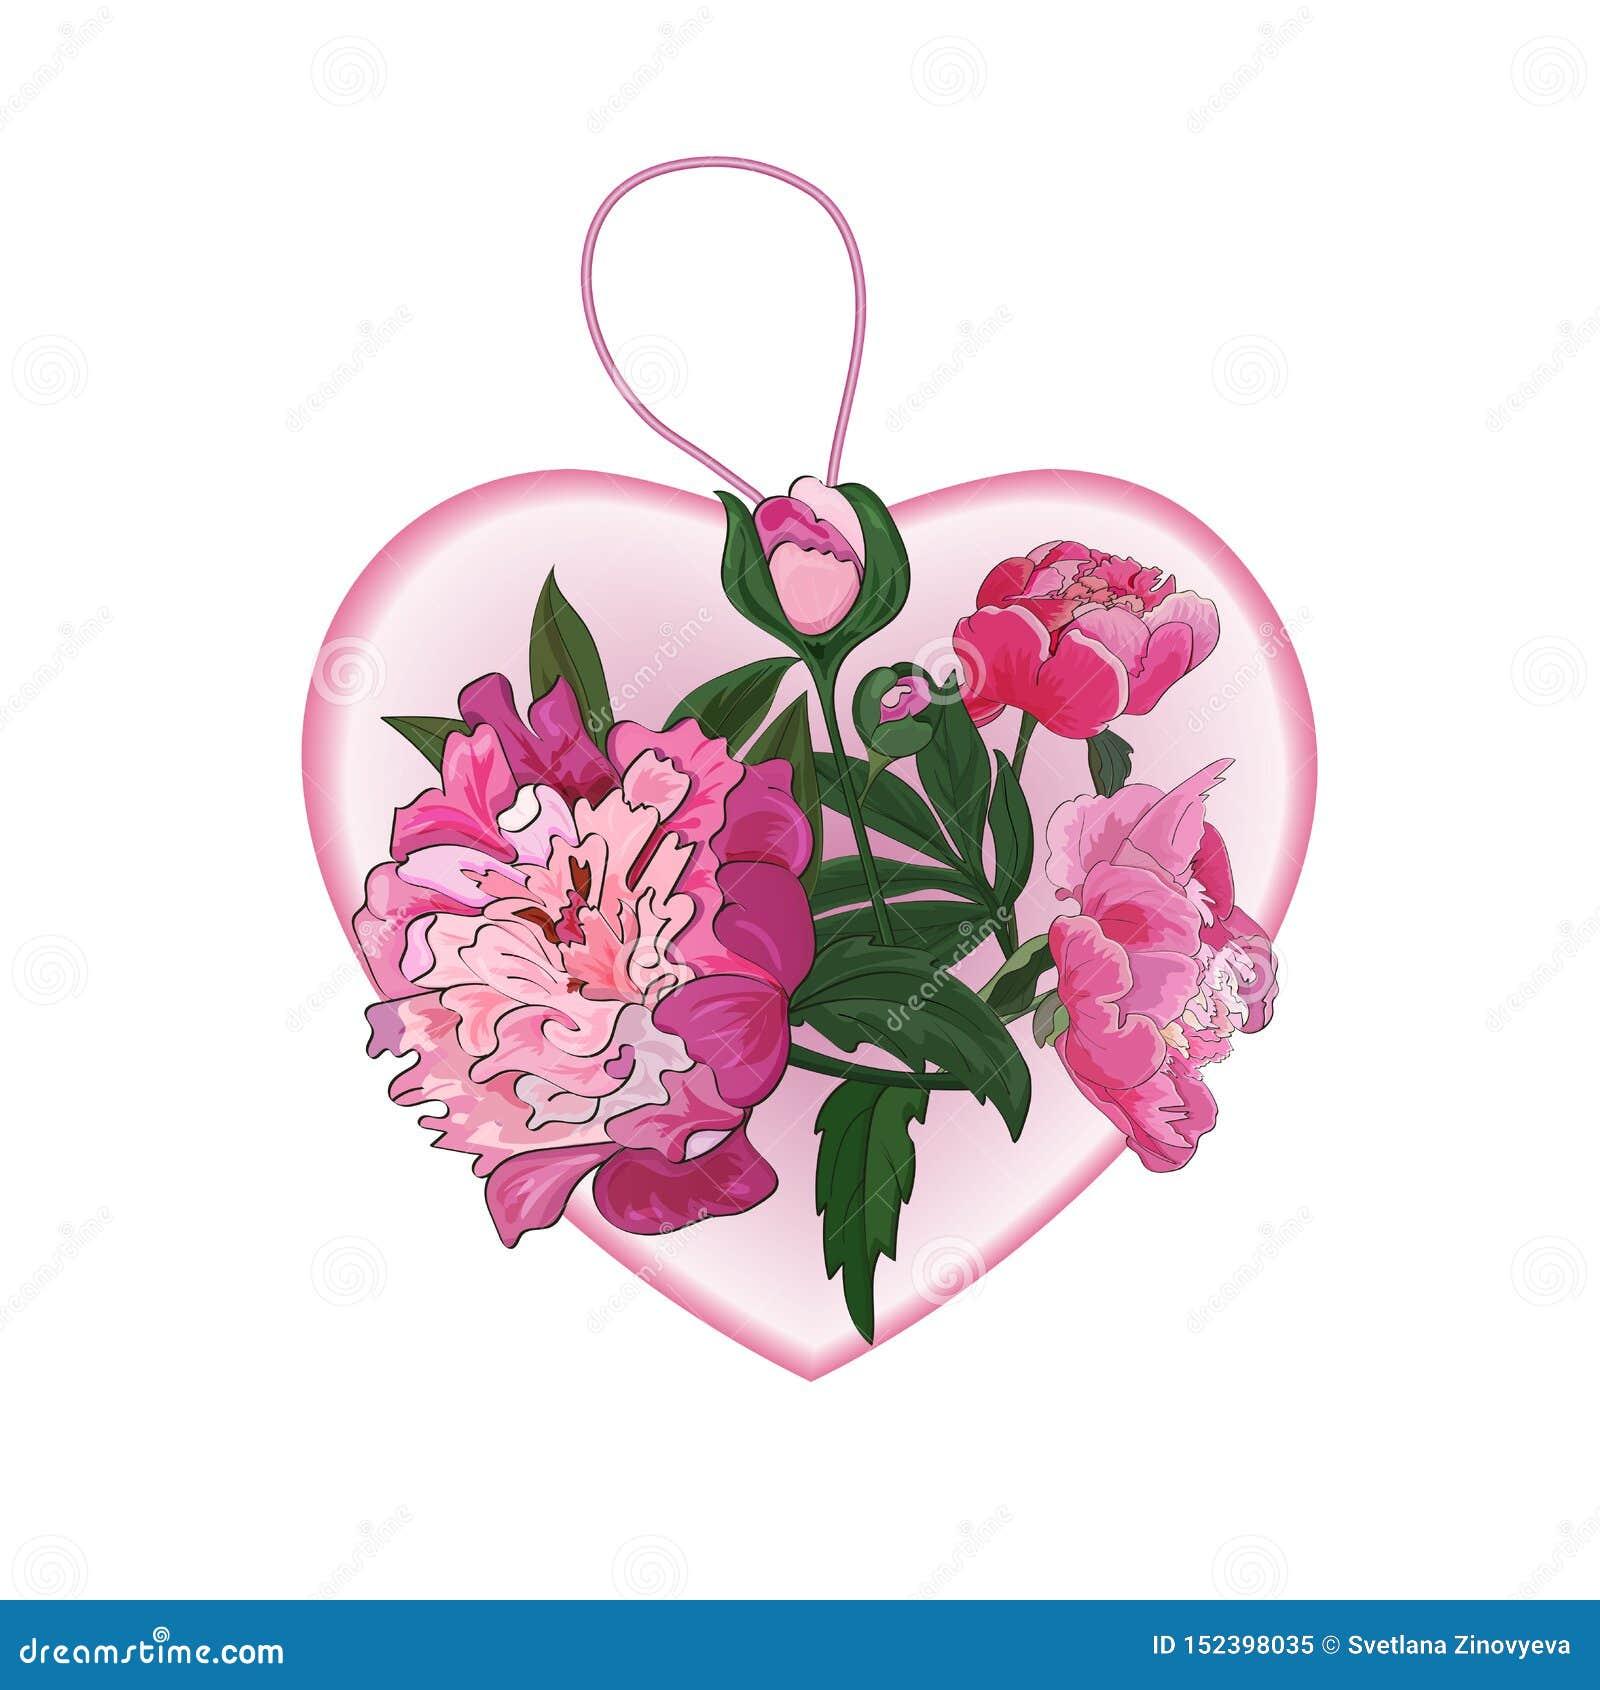 Rosa hjärta, hänge med rosa blommor av pioner vektor